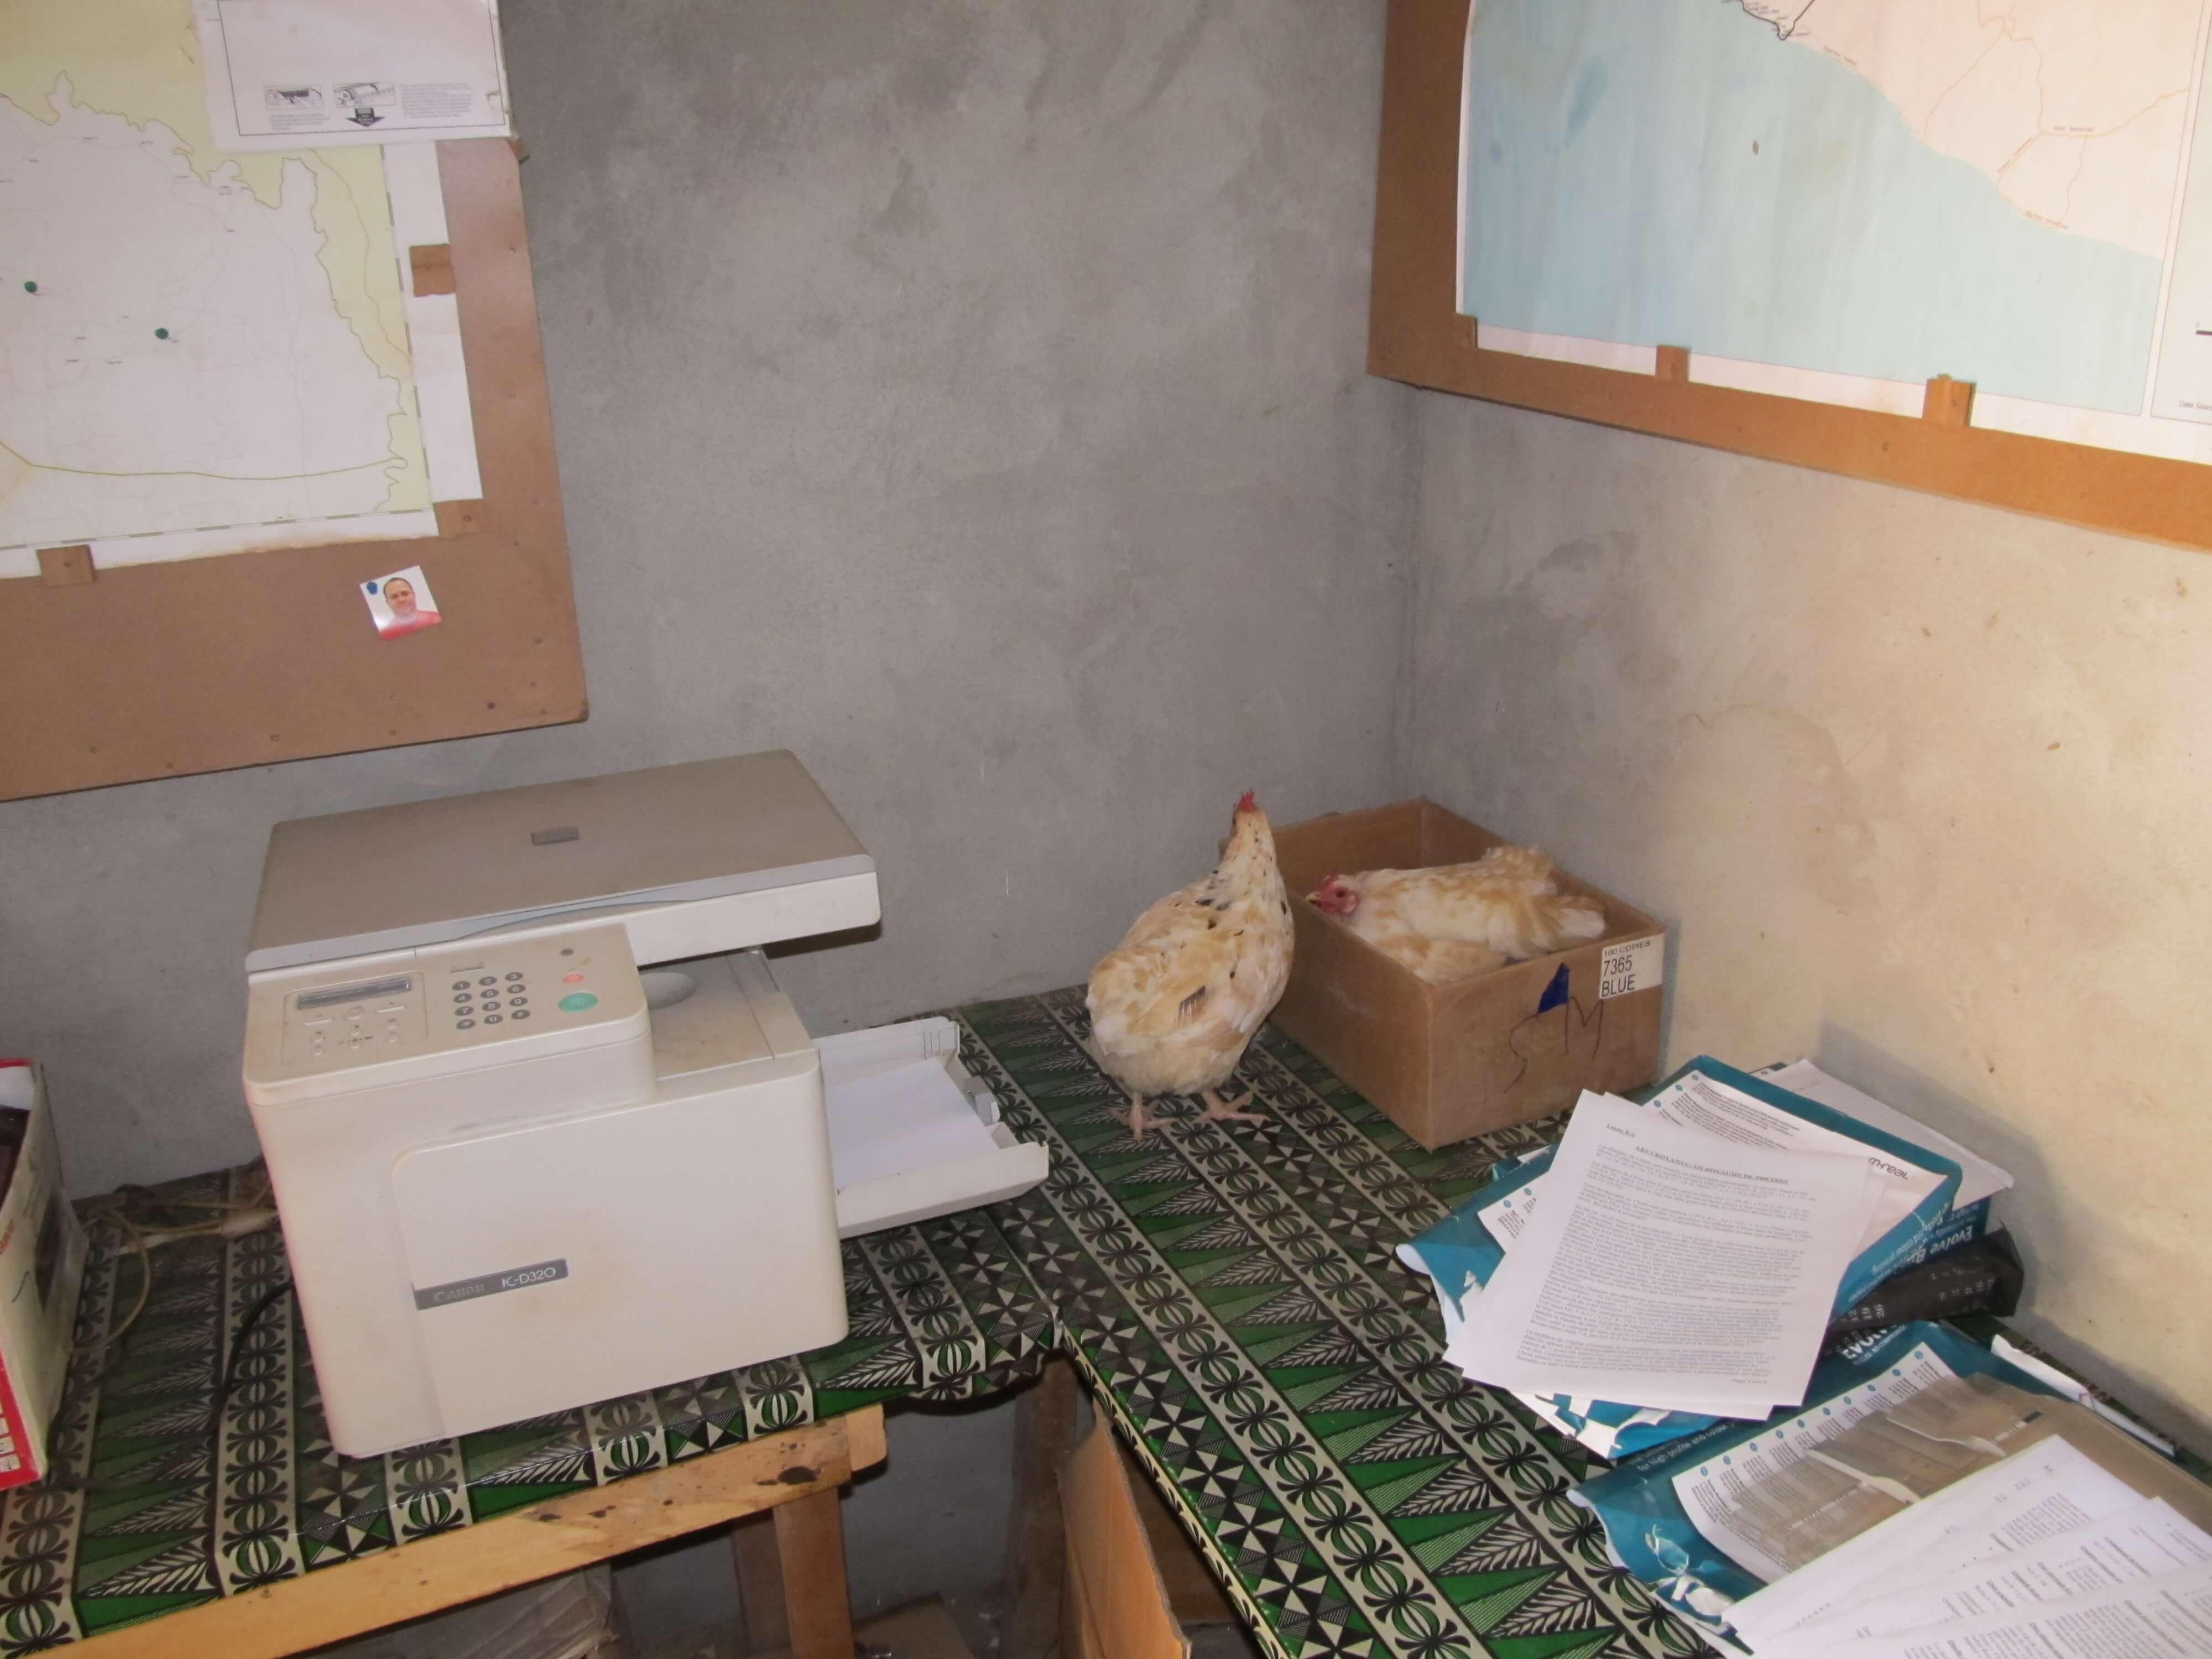 D'autres couvent dans les cartons de papier de l'imprimante !